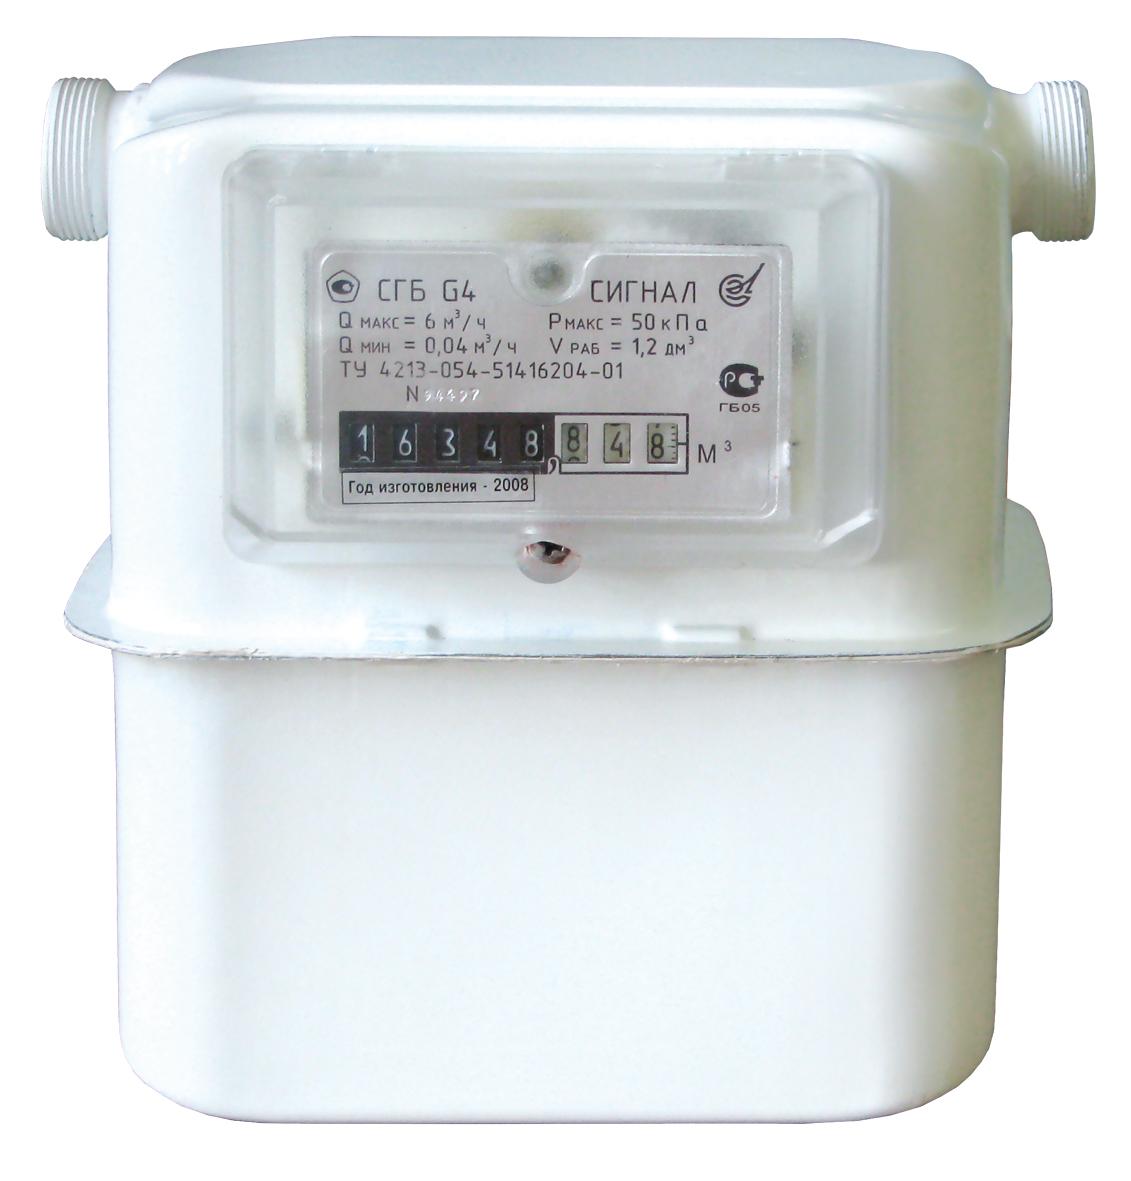 схема подключения газового счётчика в квартире